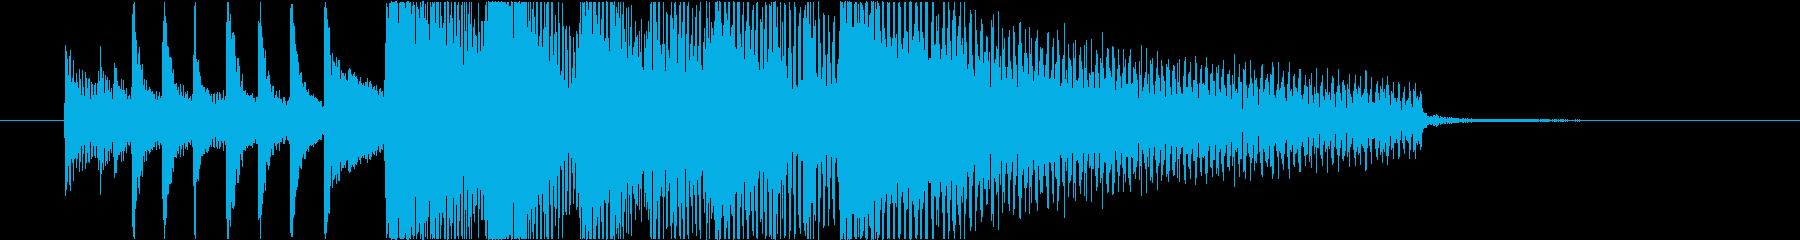 クールなジャズ系ジングルの再生済みの波形